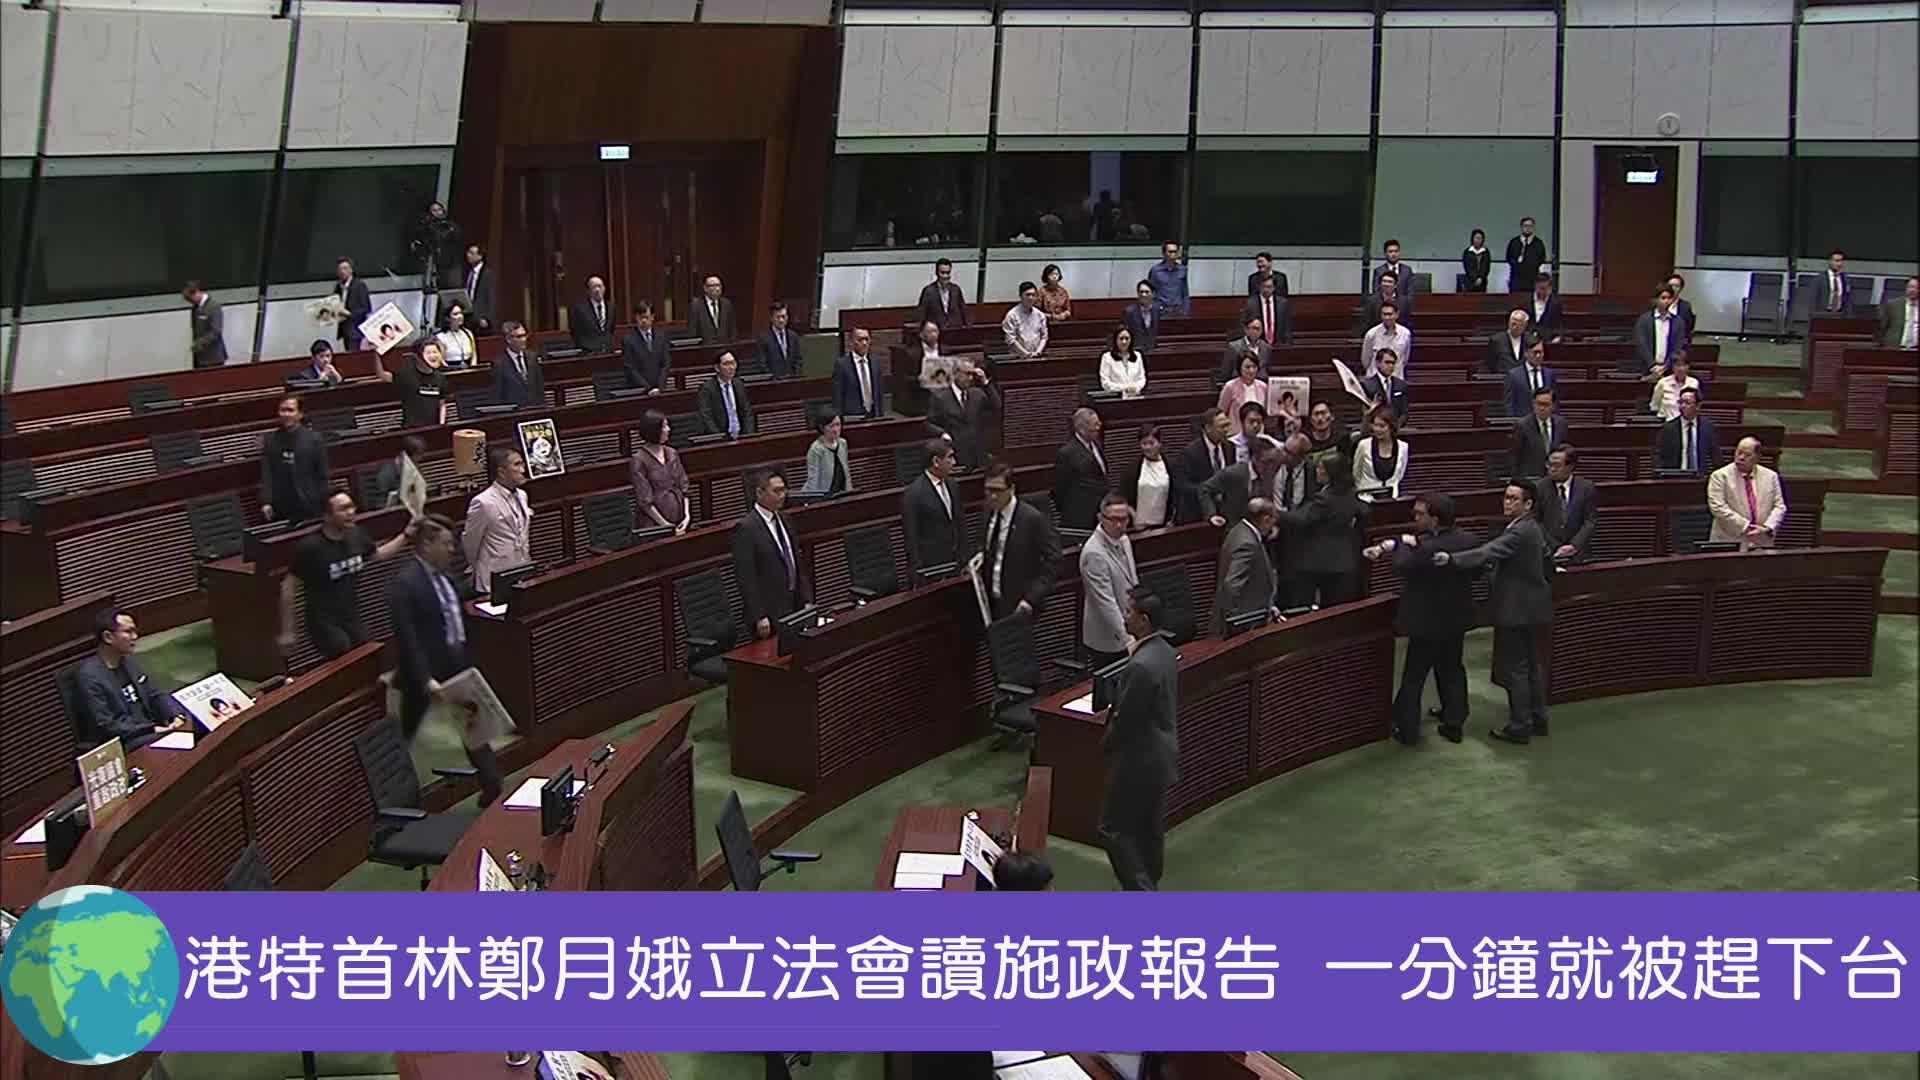 林鄭月娥立法會讀施政報告 一分鐘就被趕下台